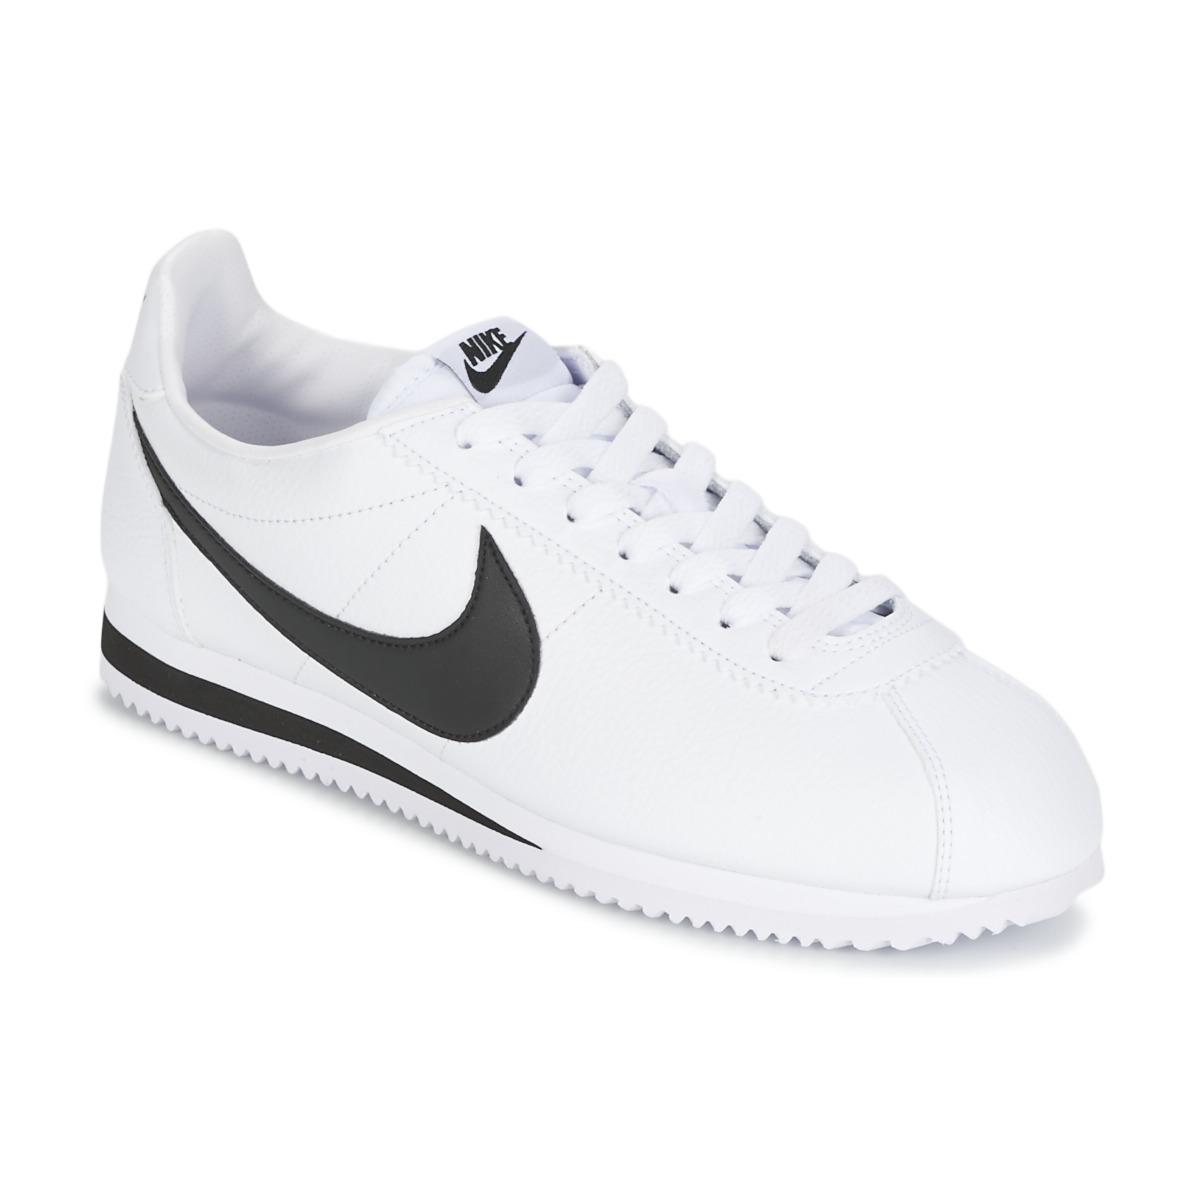 236bf617d2d57 Nike CLASSIC CORTEZ LEATHER Blanc   Noir - Chaussure pas cher avec Shoes.fr  ! - Chaussures Baskets basses Homme 75